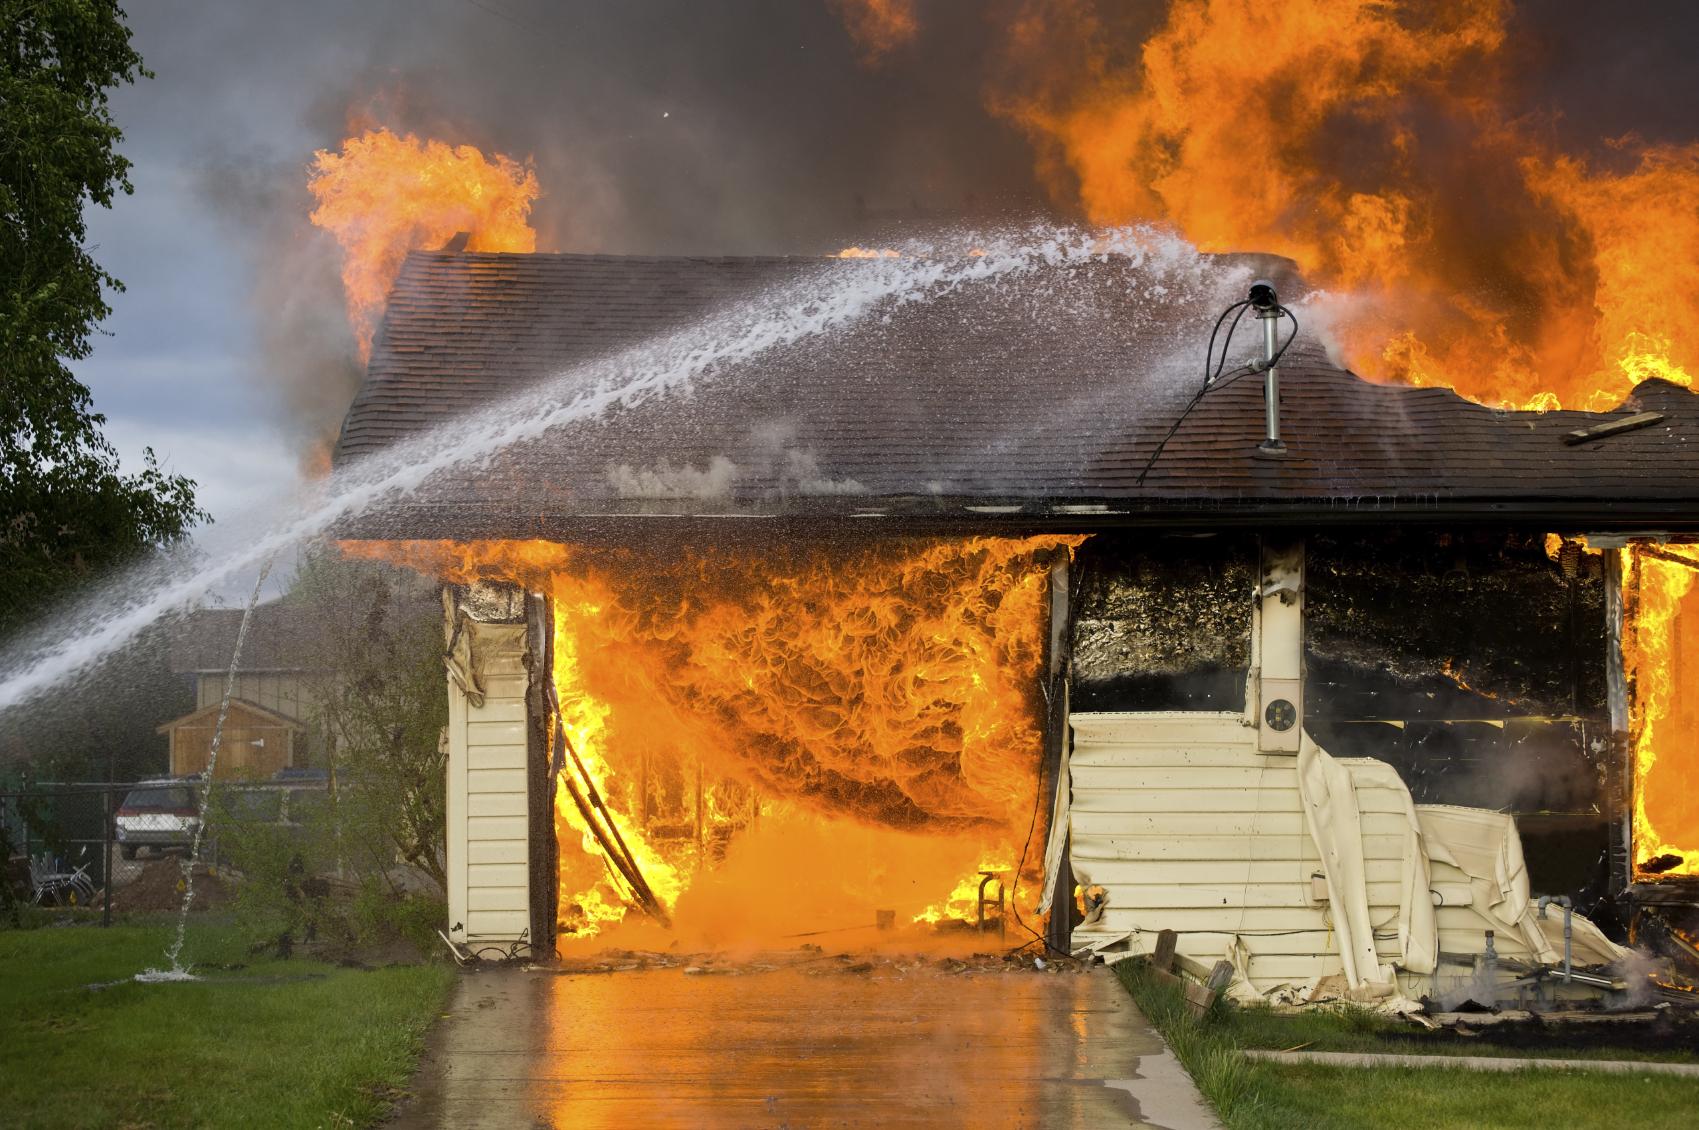 Названы основные требования пожарной безопасности для квартиросъёмщиков и домовладельцев